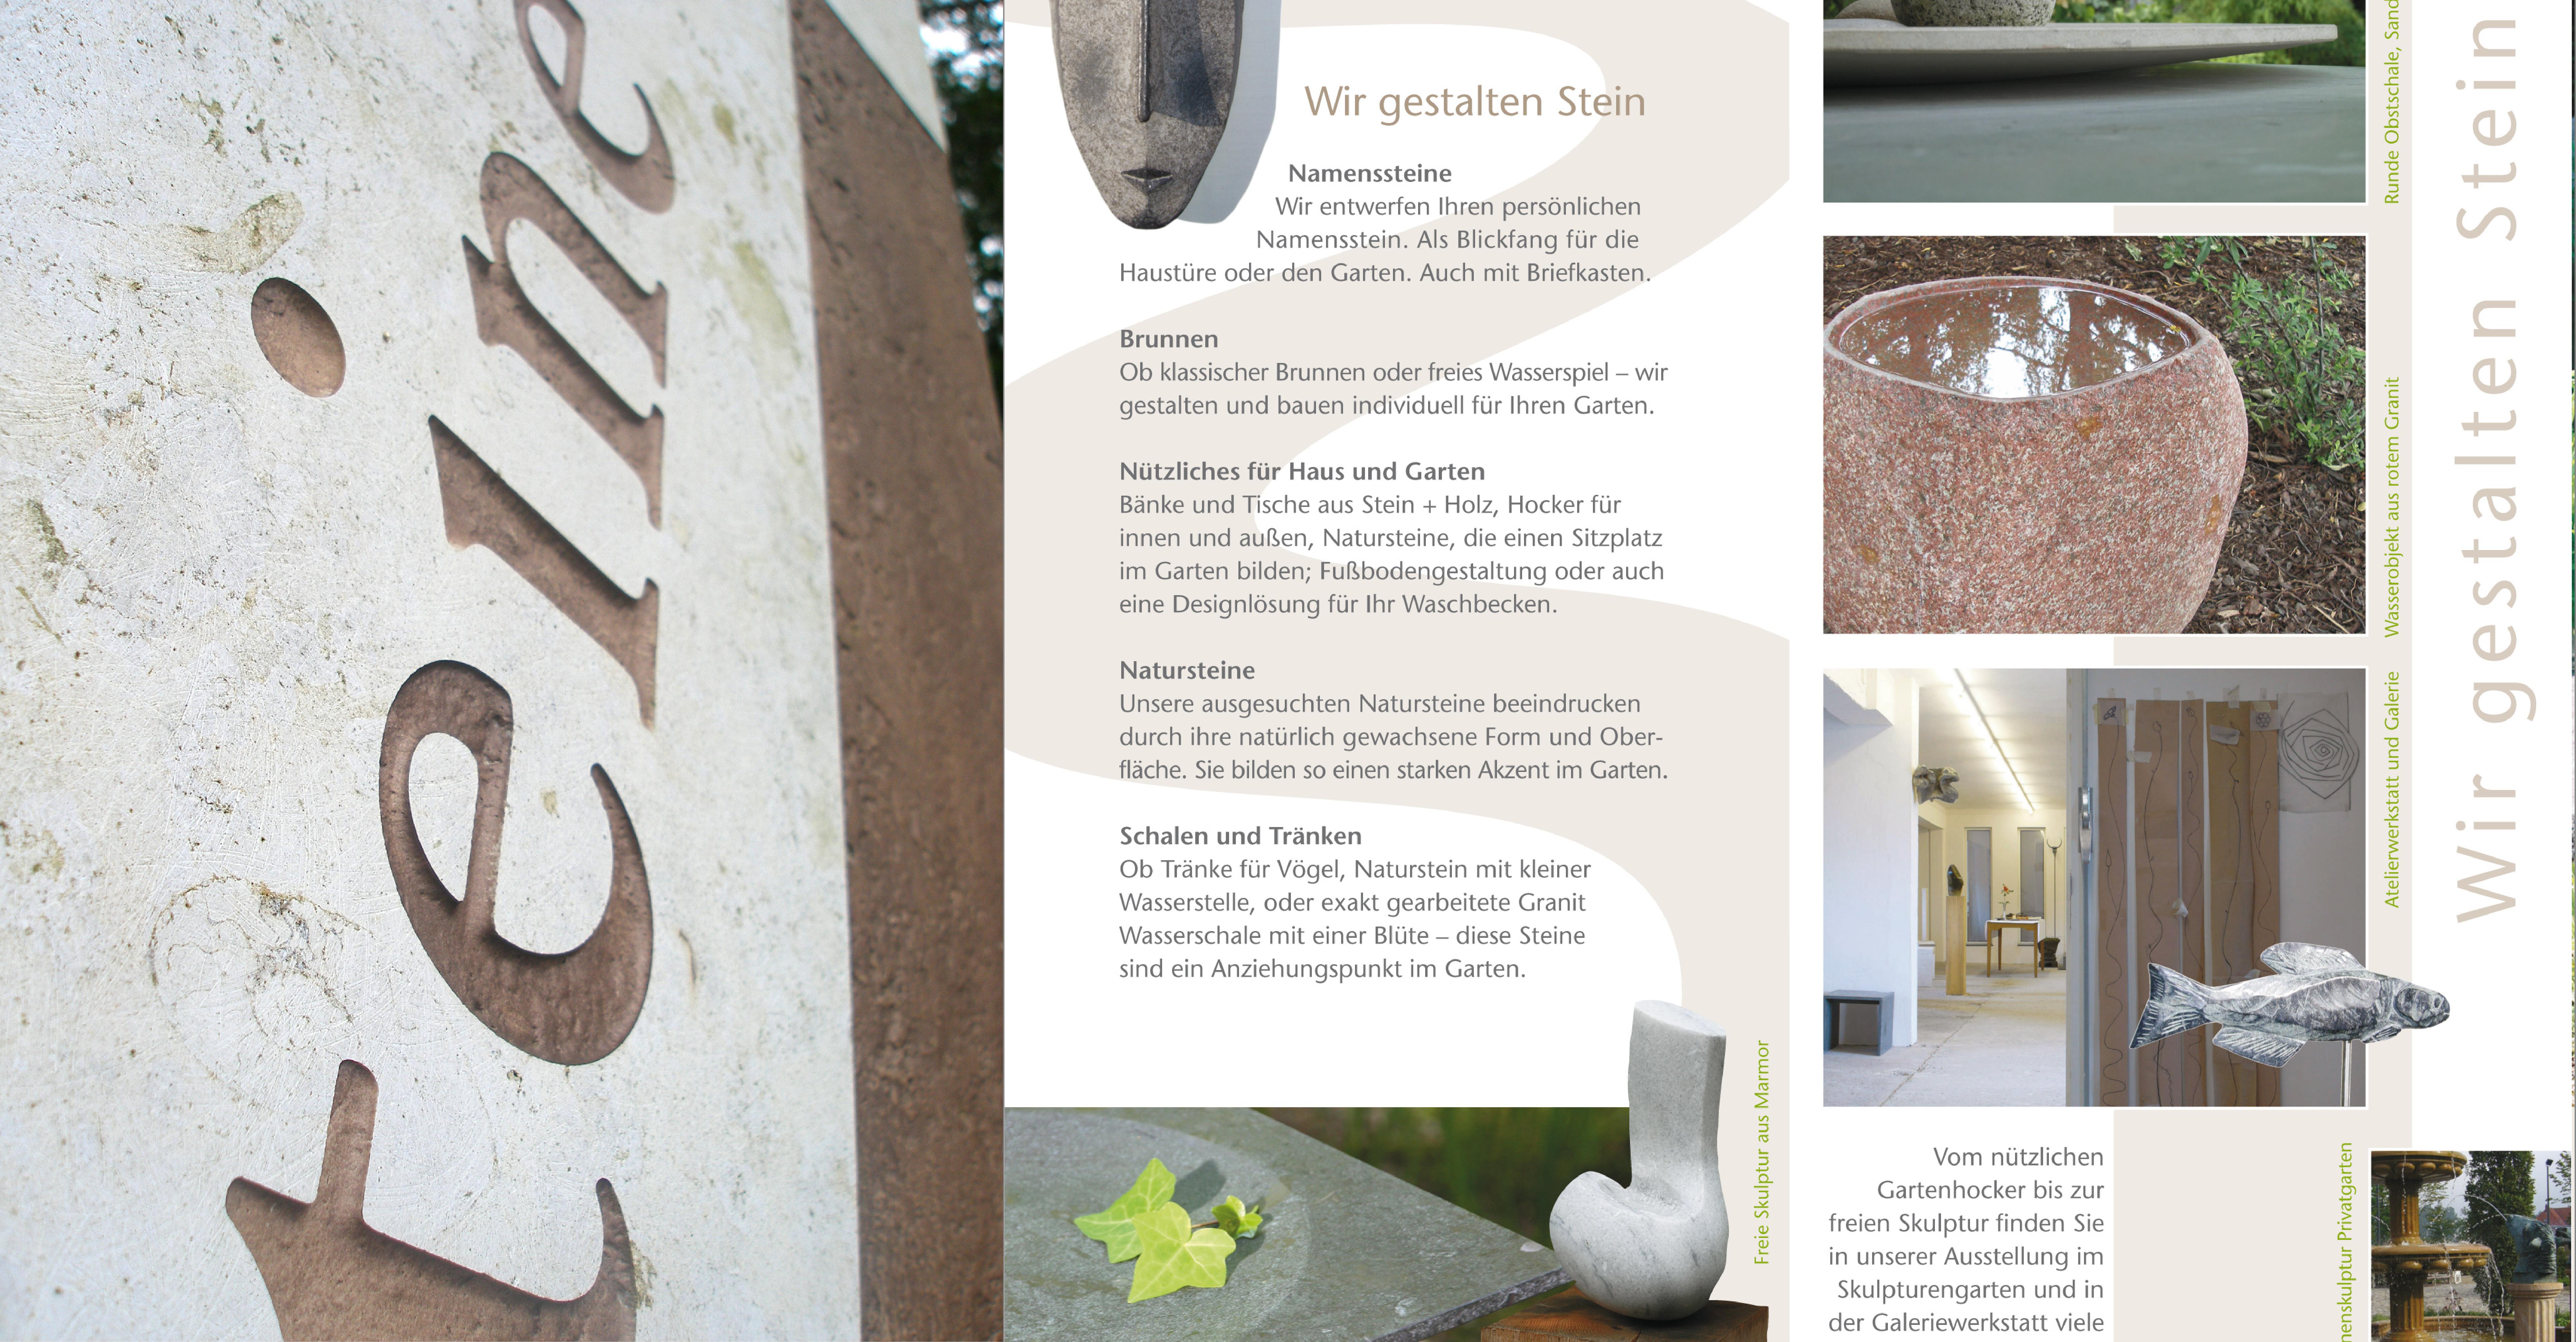 Skulpturengarten2